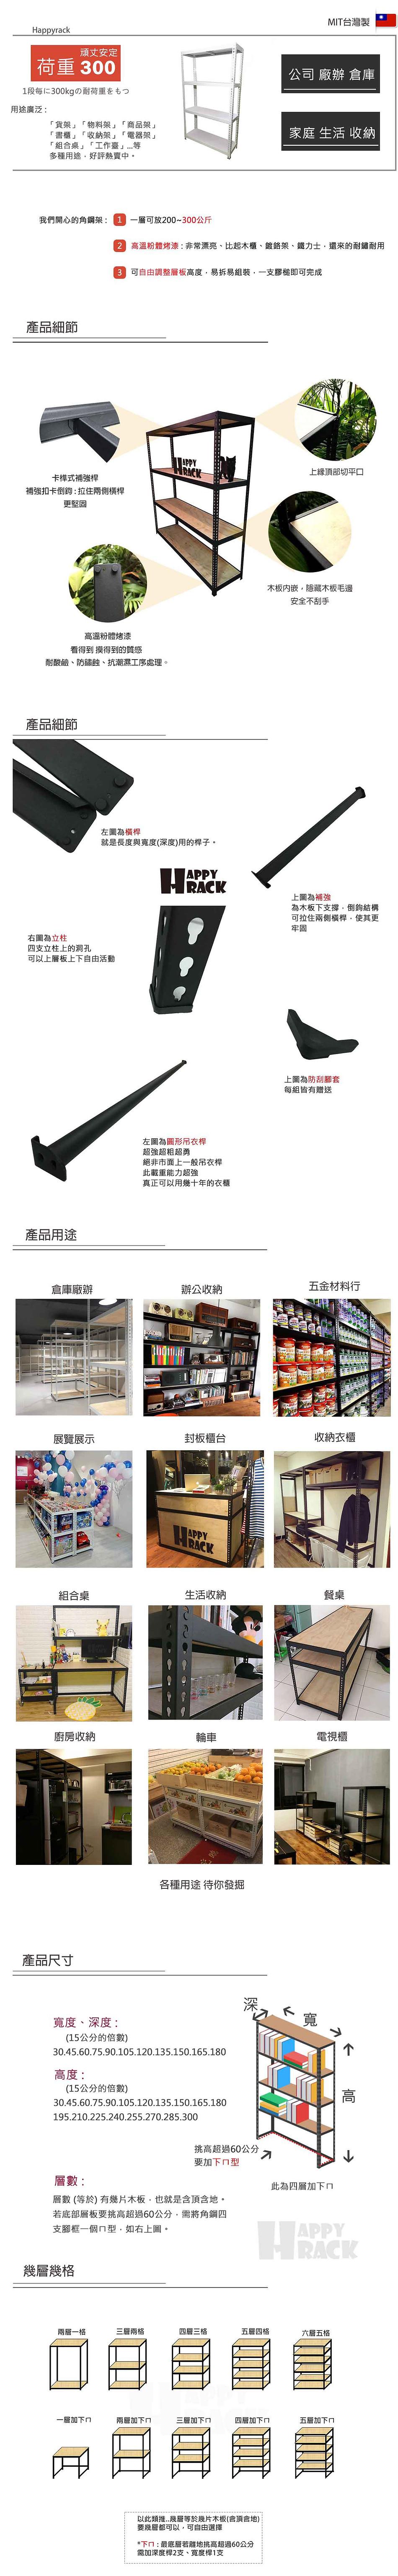 產品介紹-1.jpg